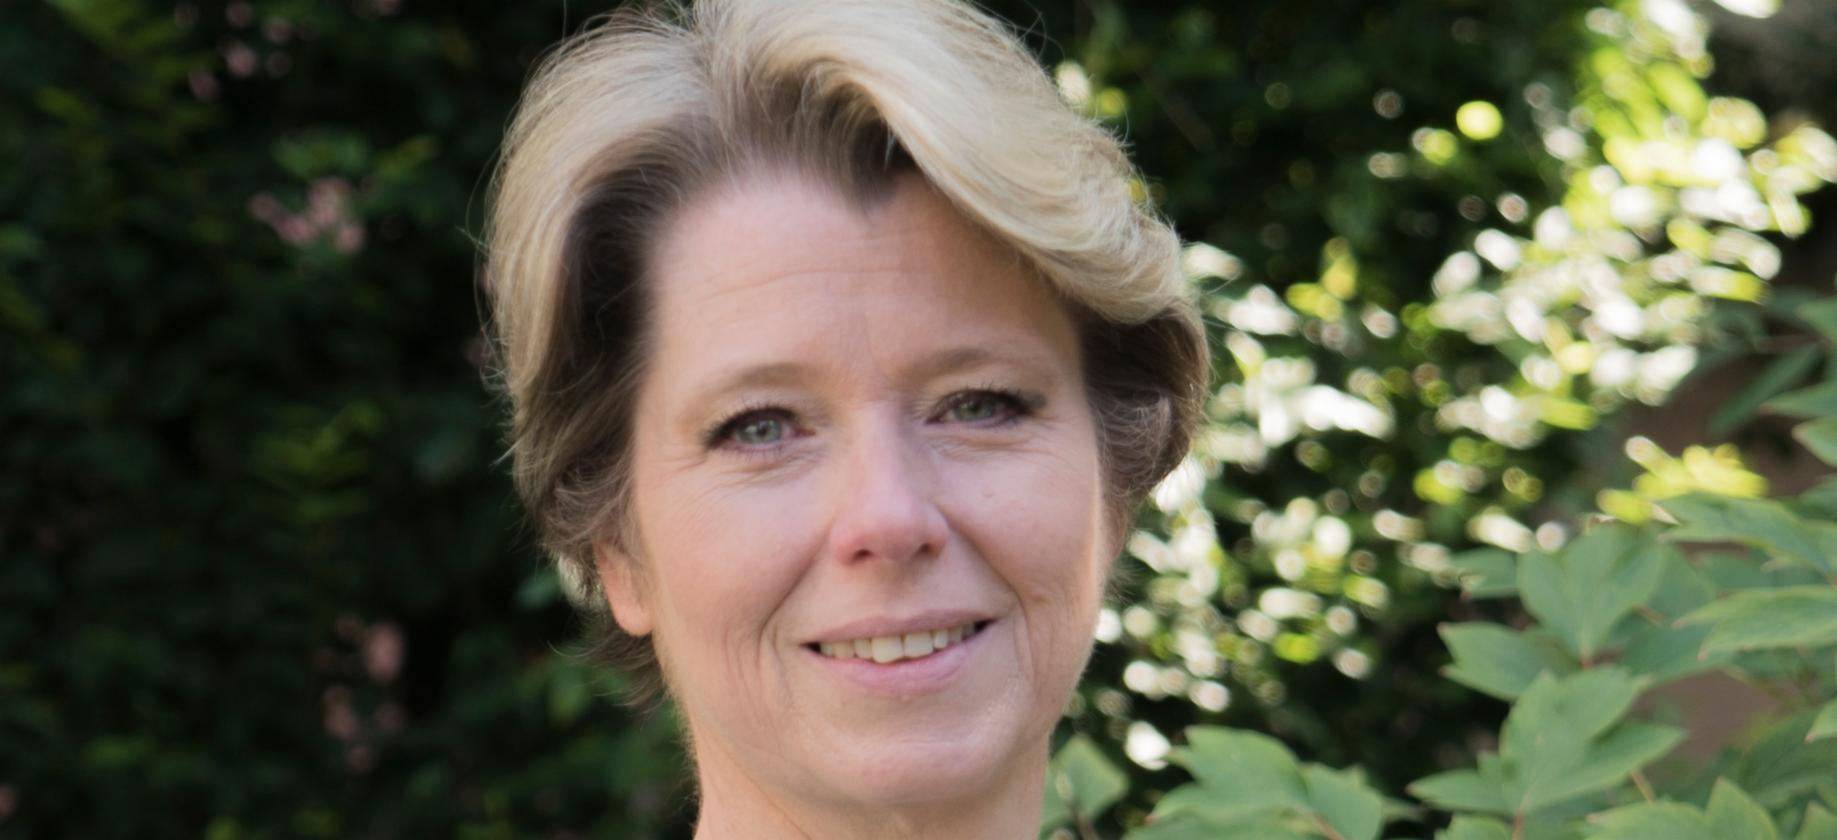 <h2>Meer creativiteit, ambitie en ondernemingszin met Sandra Van Opstal</h2><div>Ik zet graag mijn schouders mee een project waar een gedreven team met creatieve ideeën aan de slag gaat</div>